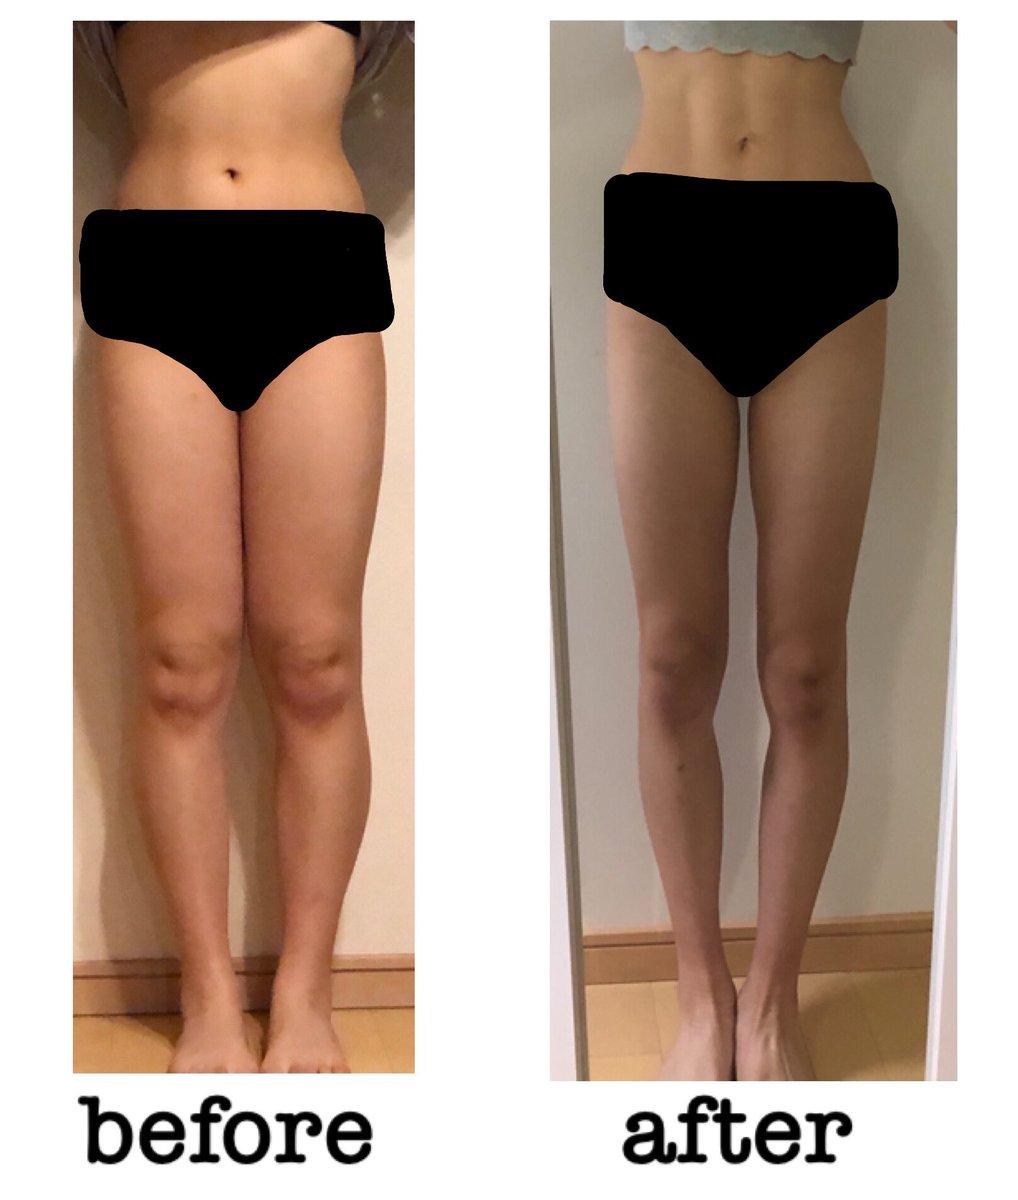 ダイエットのビフォーアフターです!こうみると顔の形も全然違う、、、。約15キロ痩せて服を選ぶことやメイクをすることがもっと楽しくなったし自分に自信が持てるようになった!内腿痩せ、反り腰、O脚、、、、まだまだ改善点は沢山あるから自分磨き頑張りたい!!